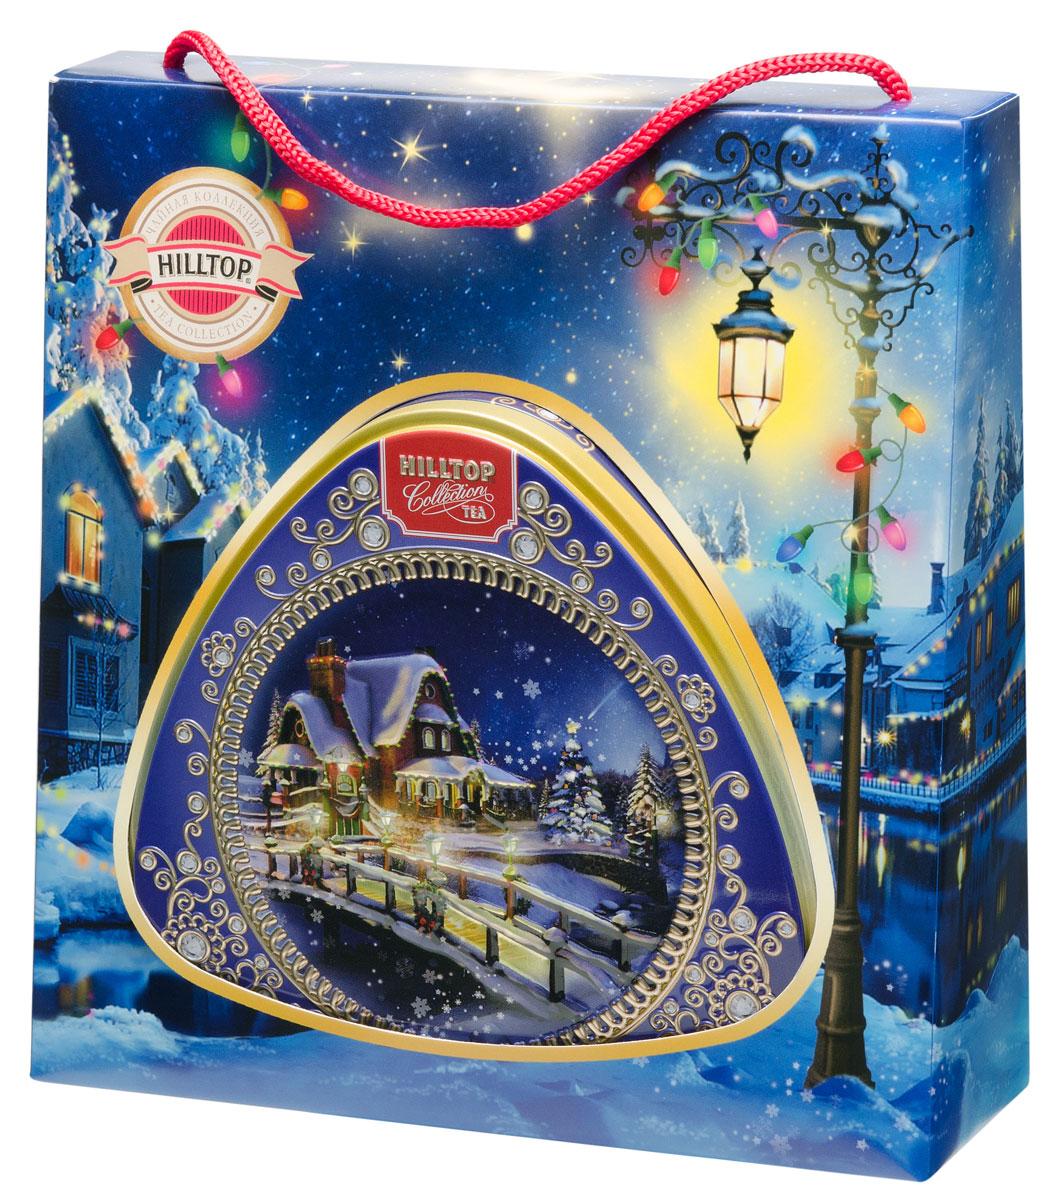 Hilltop Зимняя фантазия чайный набор hilltop новогодние подарки чайный набор